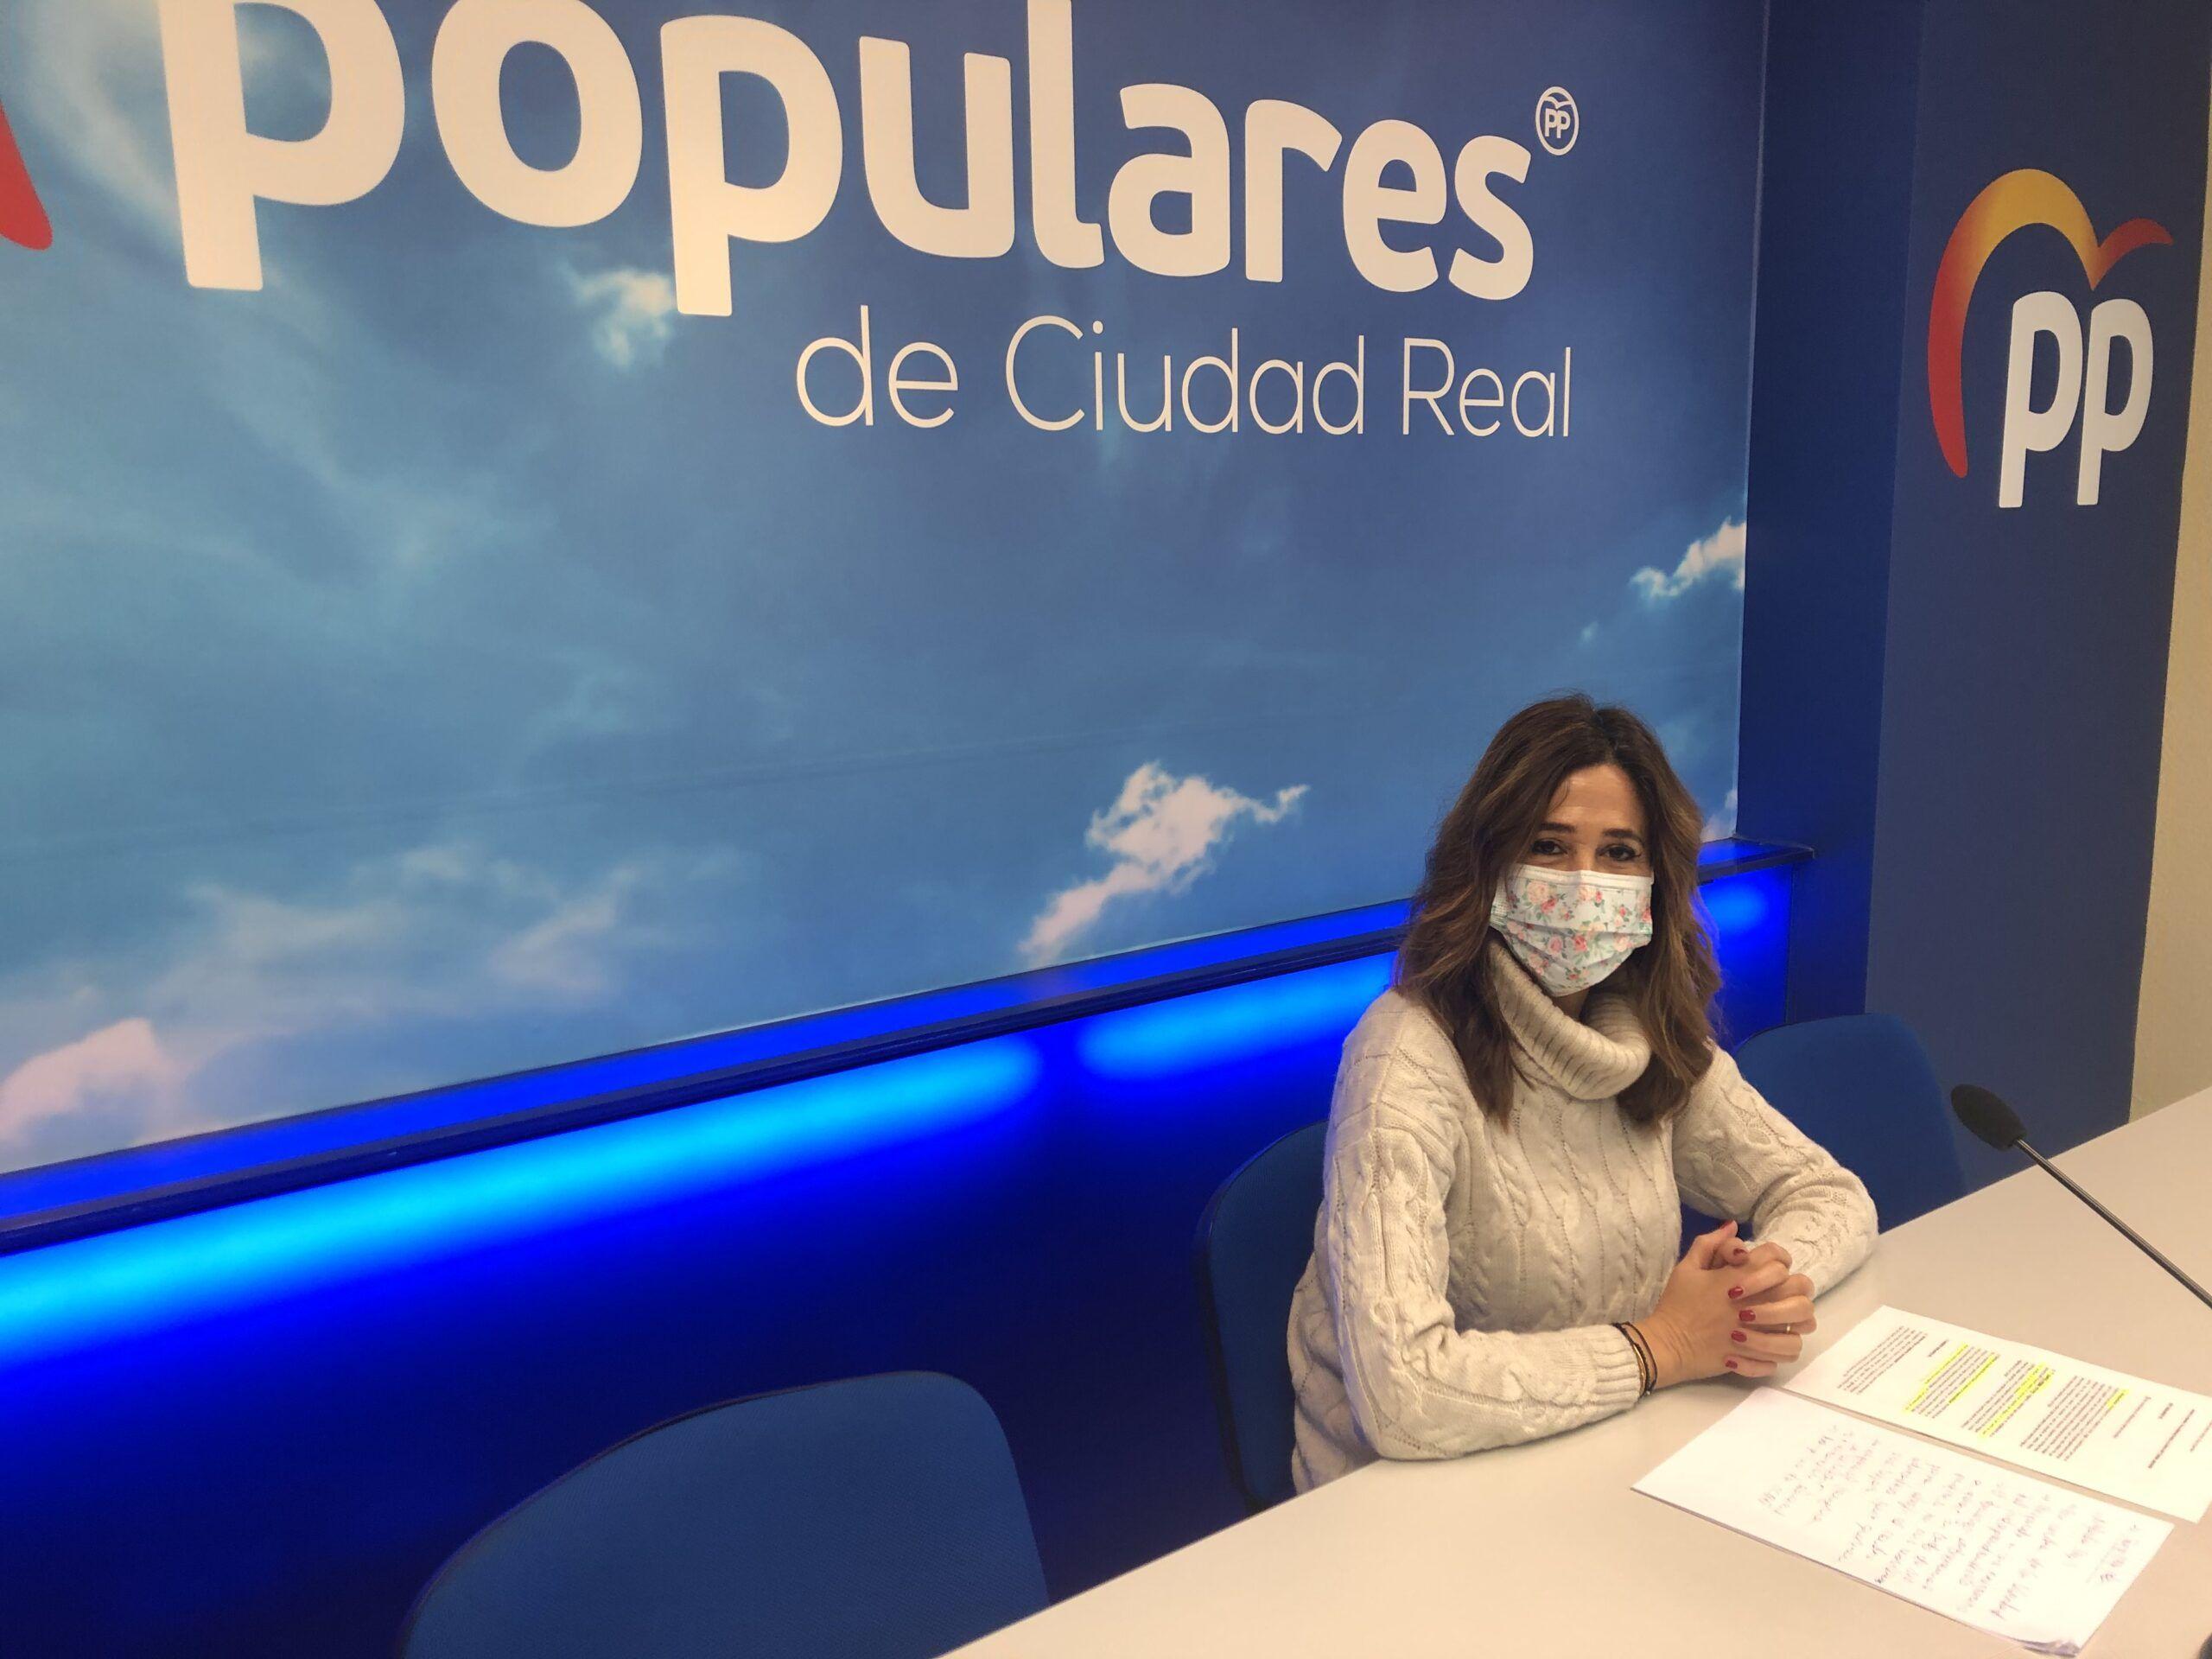 """Rosa Romero: """"Tenemos el peor gobierno en el peor momento de España que está generando desazón en las familias y máxima preocupación por las decisiones que está tomando"""""""